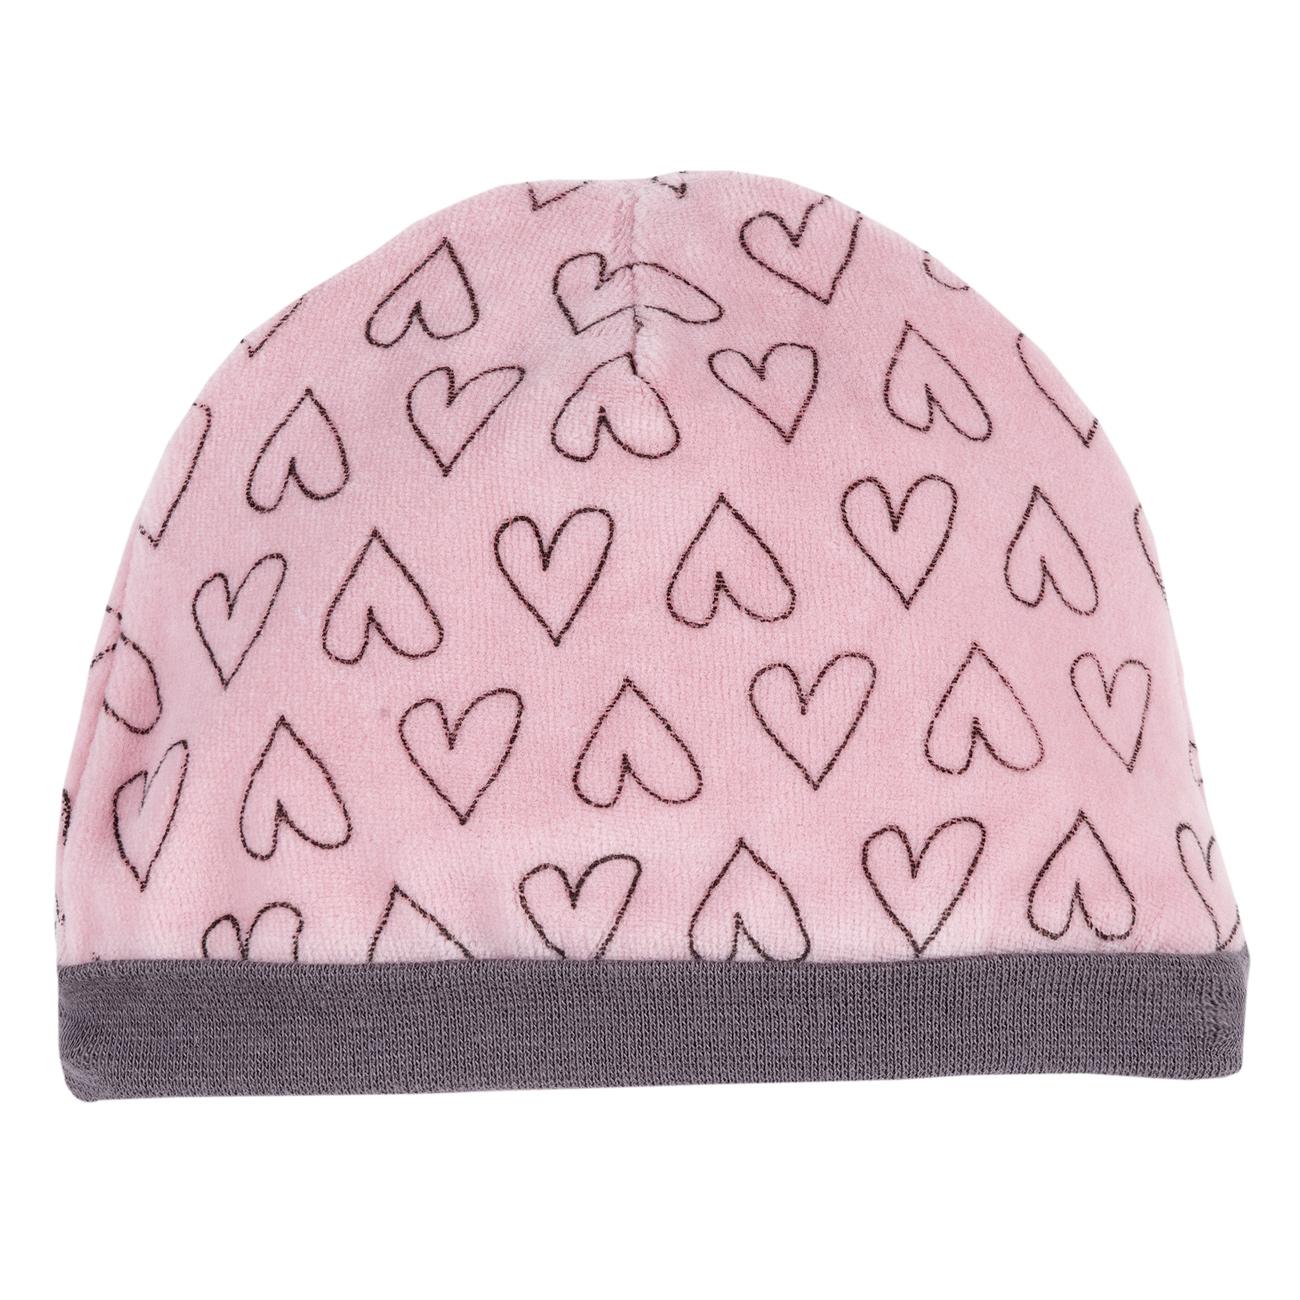 Caciula copii Chicco, roz, 04328